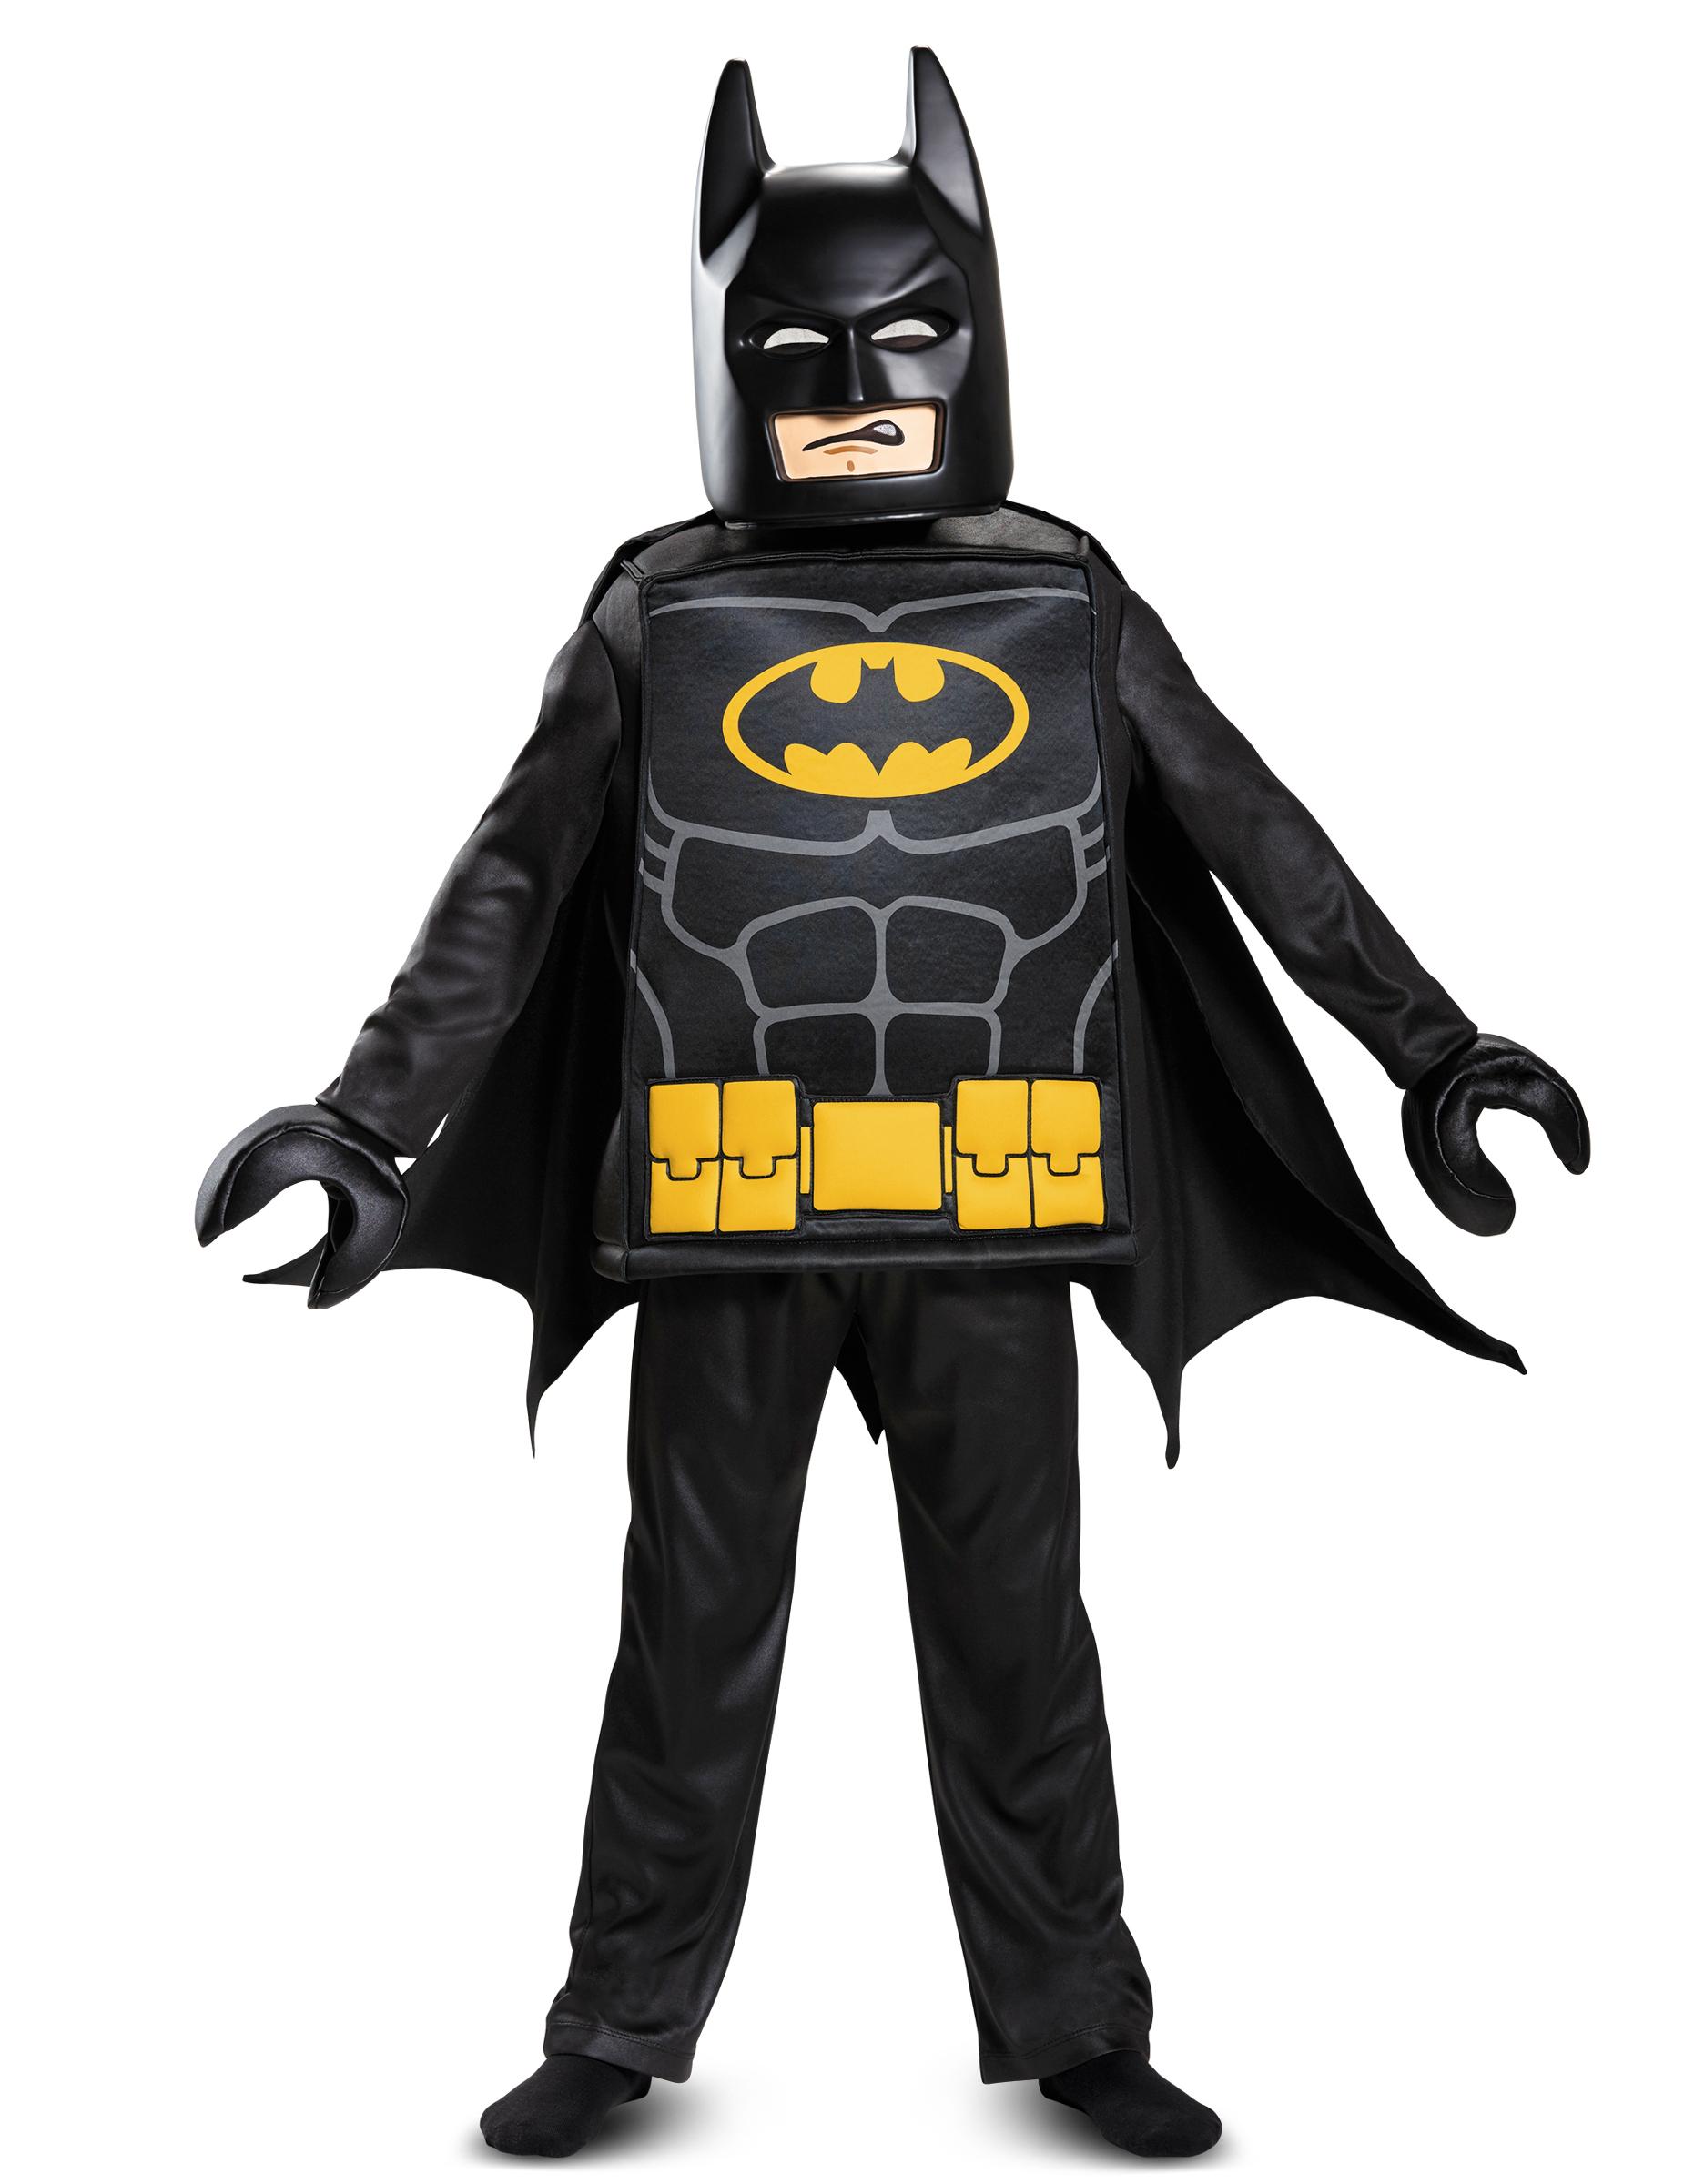 D guisement deluxe batman lego movie enfant achat de d guisements enfants sur vegaoopro - Deguisement tete de lego ...